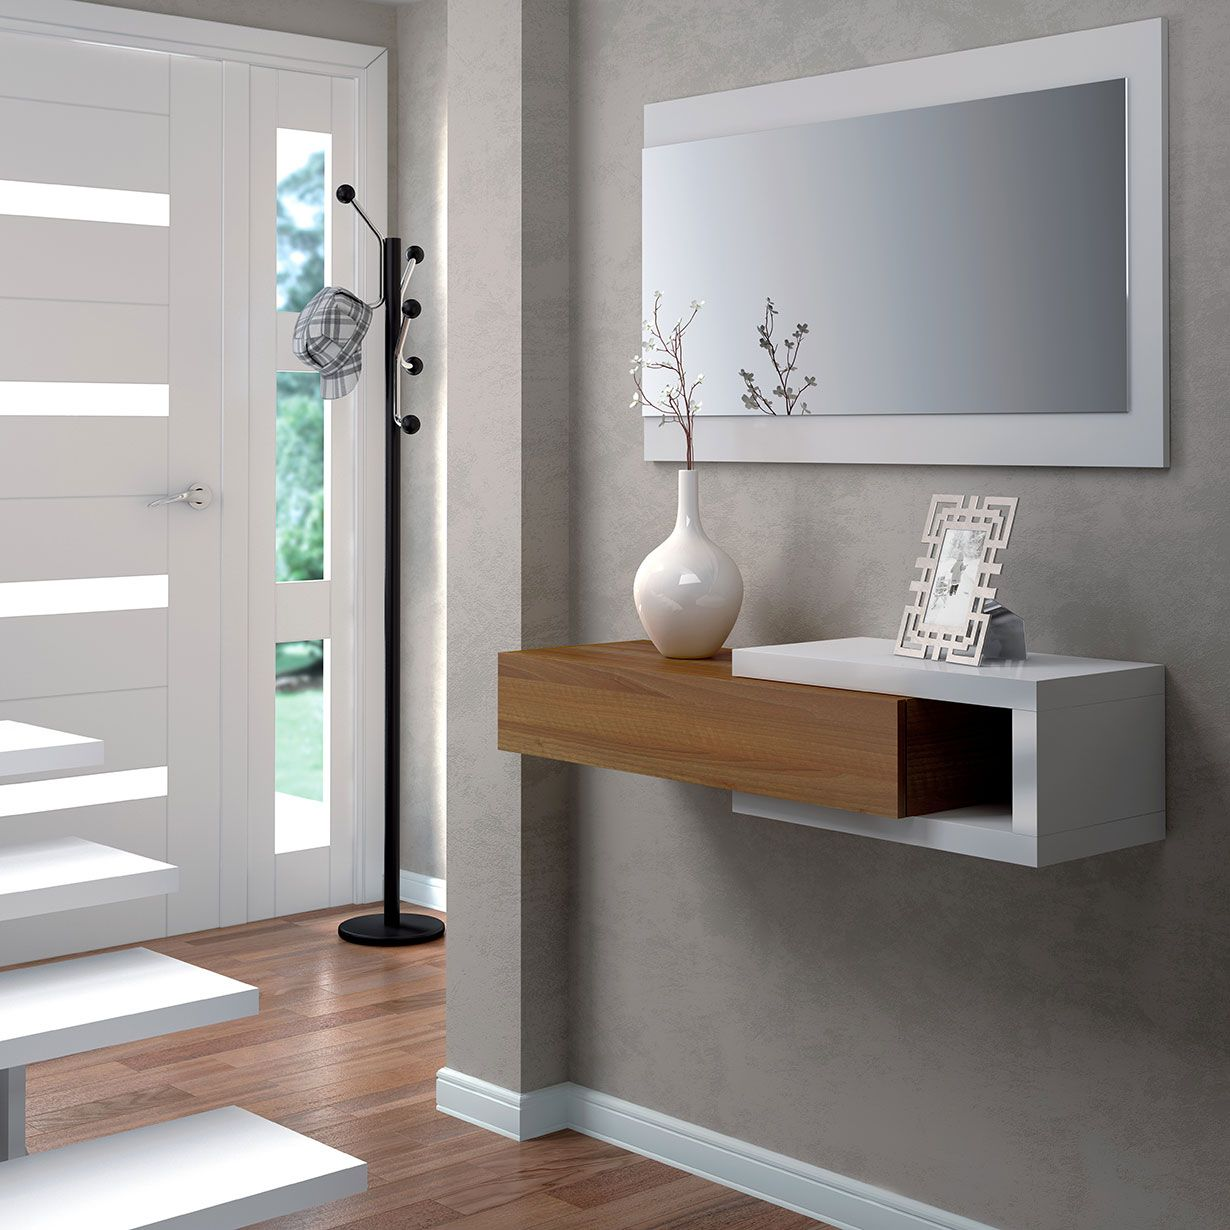 Cómo decorar un recibidor pequeño | decorar tu casa es facilisimo.com. 13 Idee Su Entrate Arredamento Arredamento Ingresso Idee Per Decorare La Casa